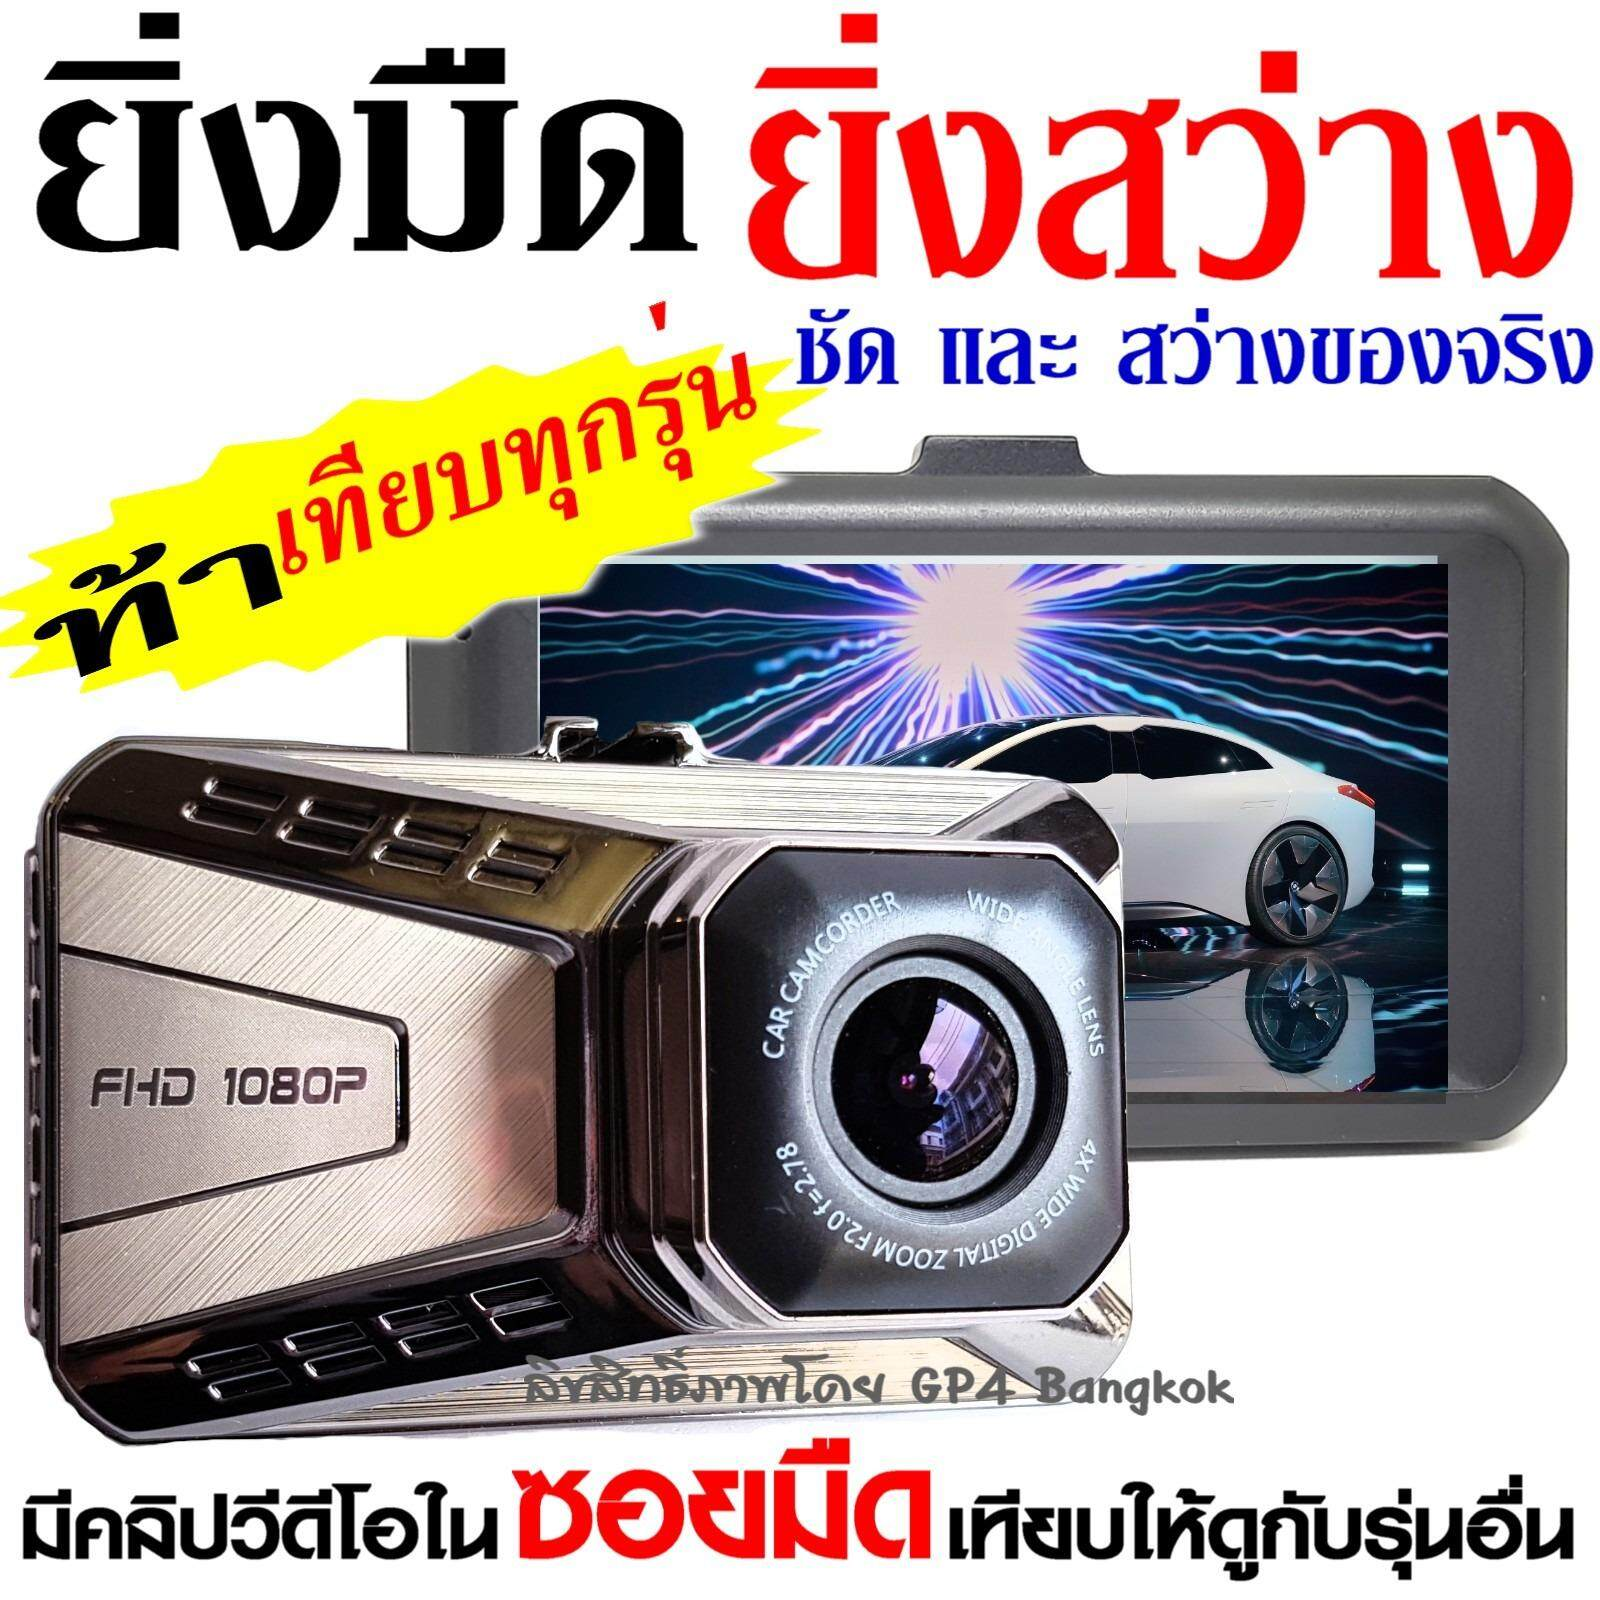 ขาย Gp4 กล้องติดรถยนต์ กลางคืนสว่างที่สุด Wdr Super Night Vision Ldws เตือนออกนอกเลนส์ Fcws เตือนรถใกล้คันหน้าเกินไป Parking Monitor บอดี้โลหะ จอใหญ่ 3 0นิ้ว Fhd 1080P เมนูไทย รุ่น T990Se Silver มีคลิปวีดีโอในซอยมืดเปรียบเทียบกับรุ่นอื่นให้ดู ออนไลน์ สมุทรปราการ